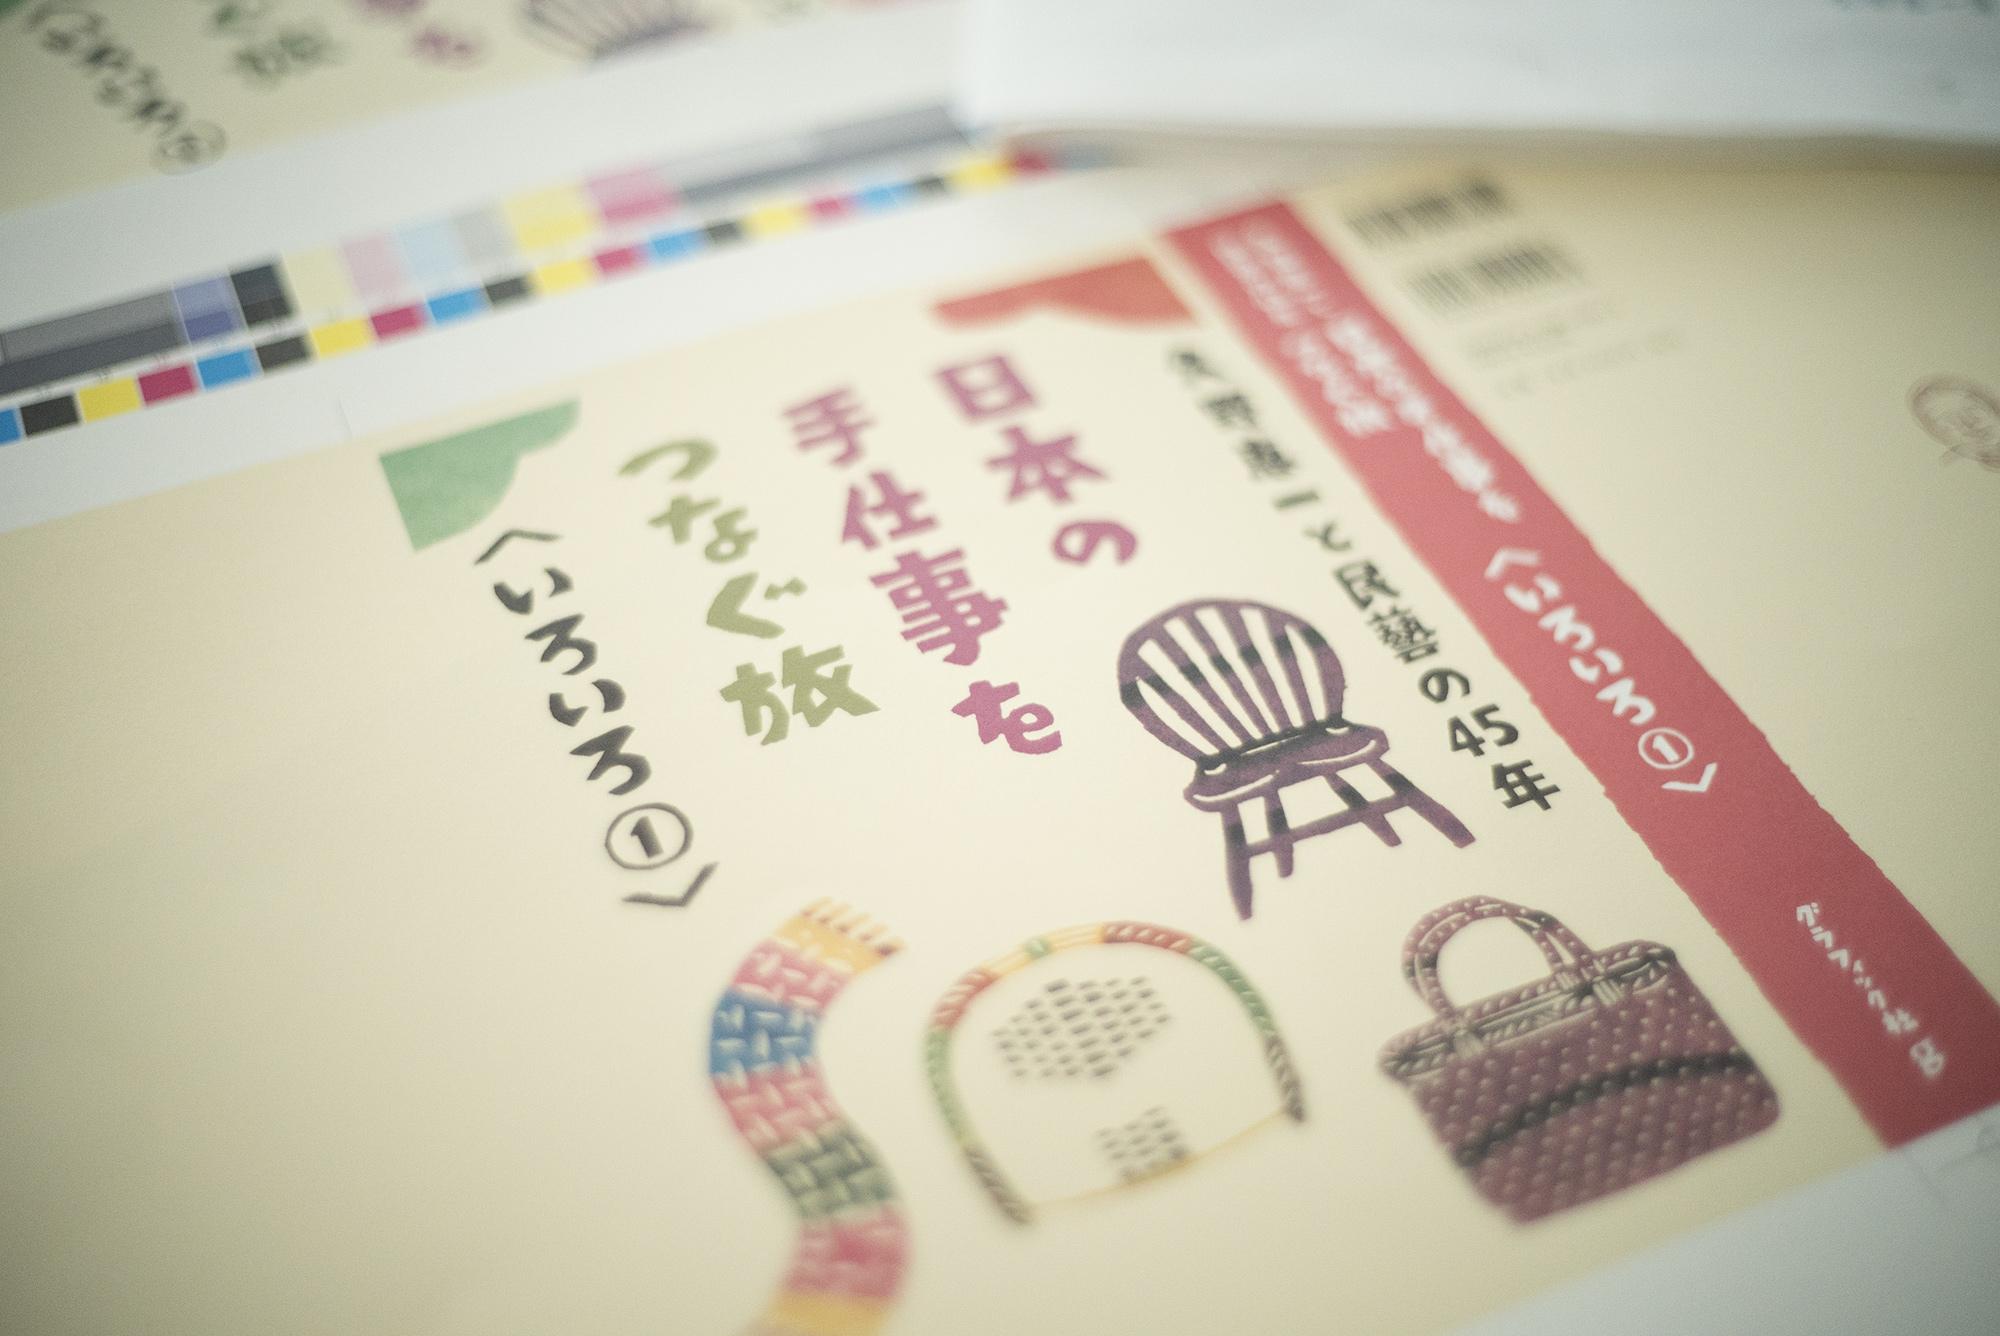 久野恵一と民藝の45年 日本の手仕事をつなぐ旅 装幀 デザイン